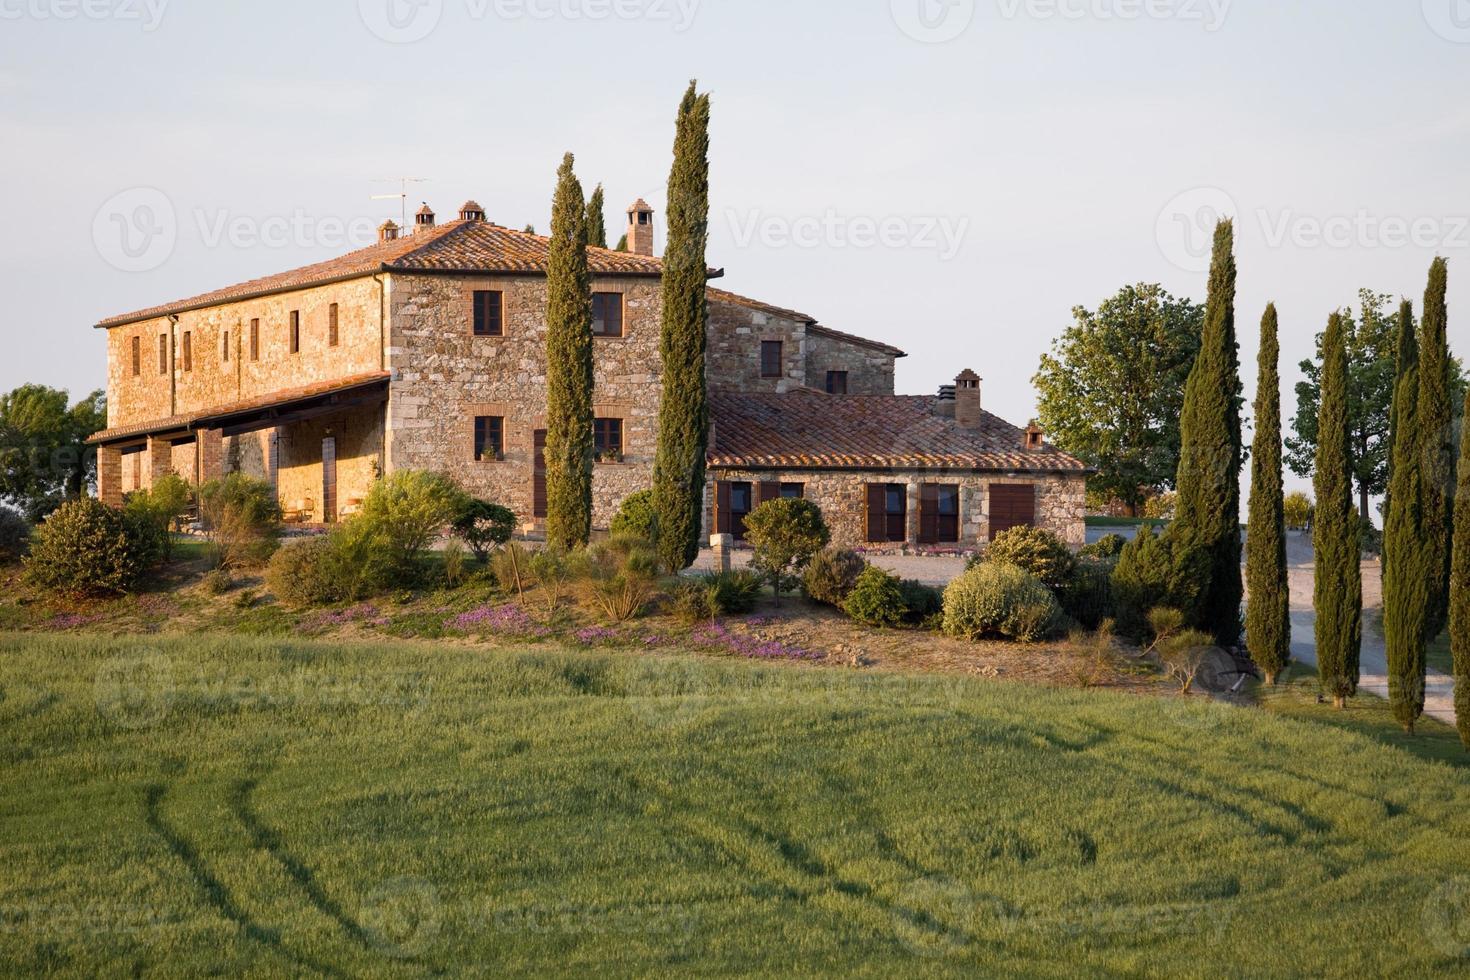 tuscany landscapes photo